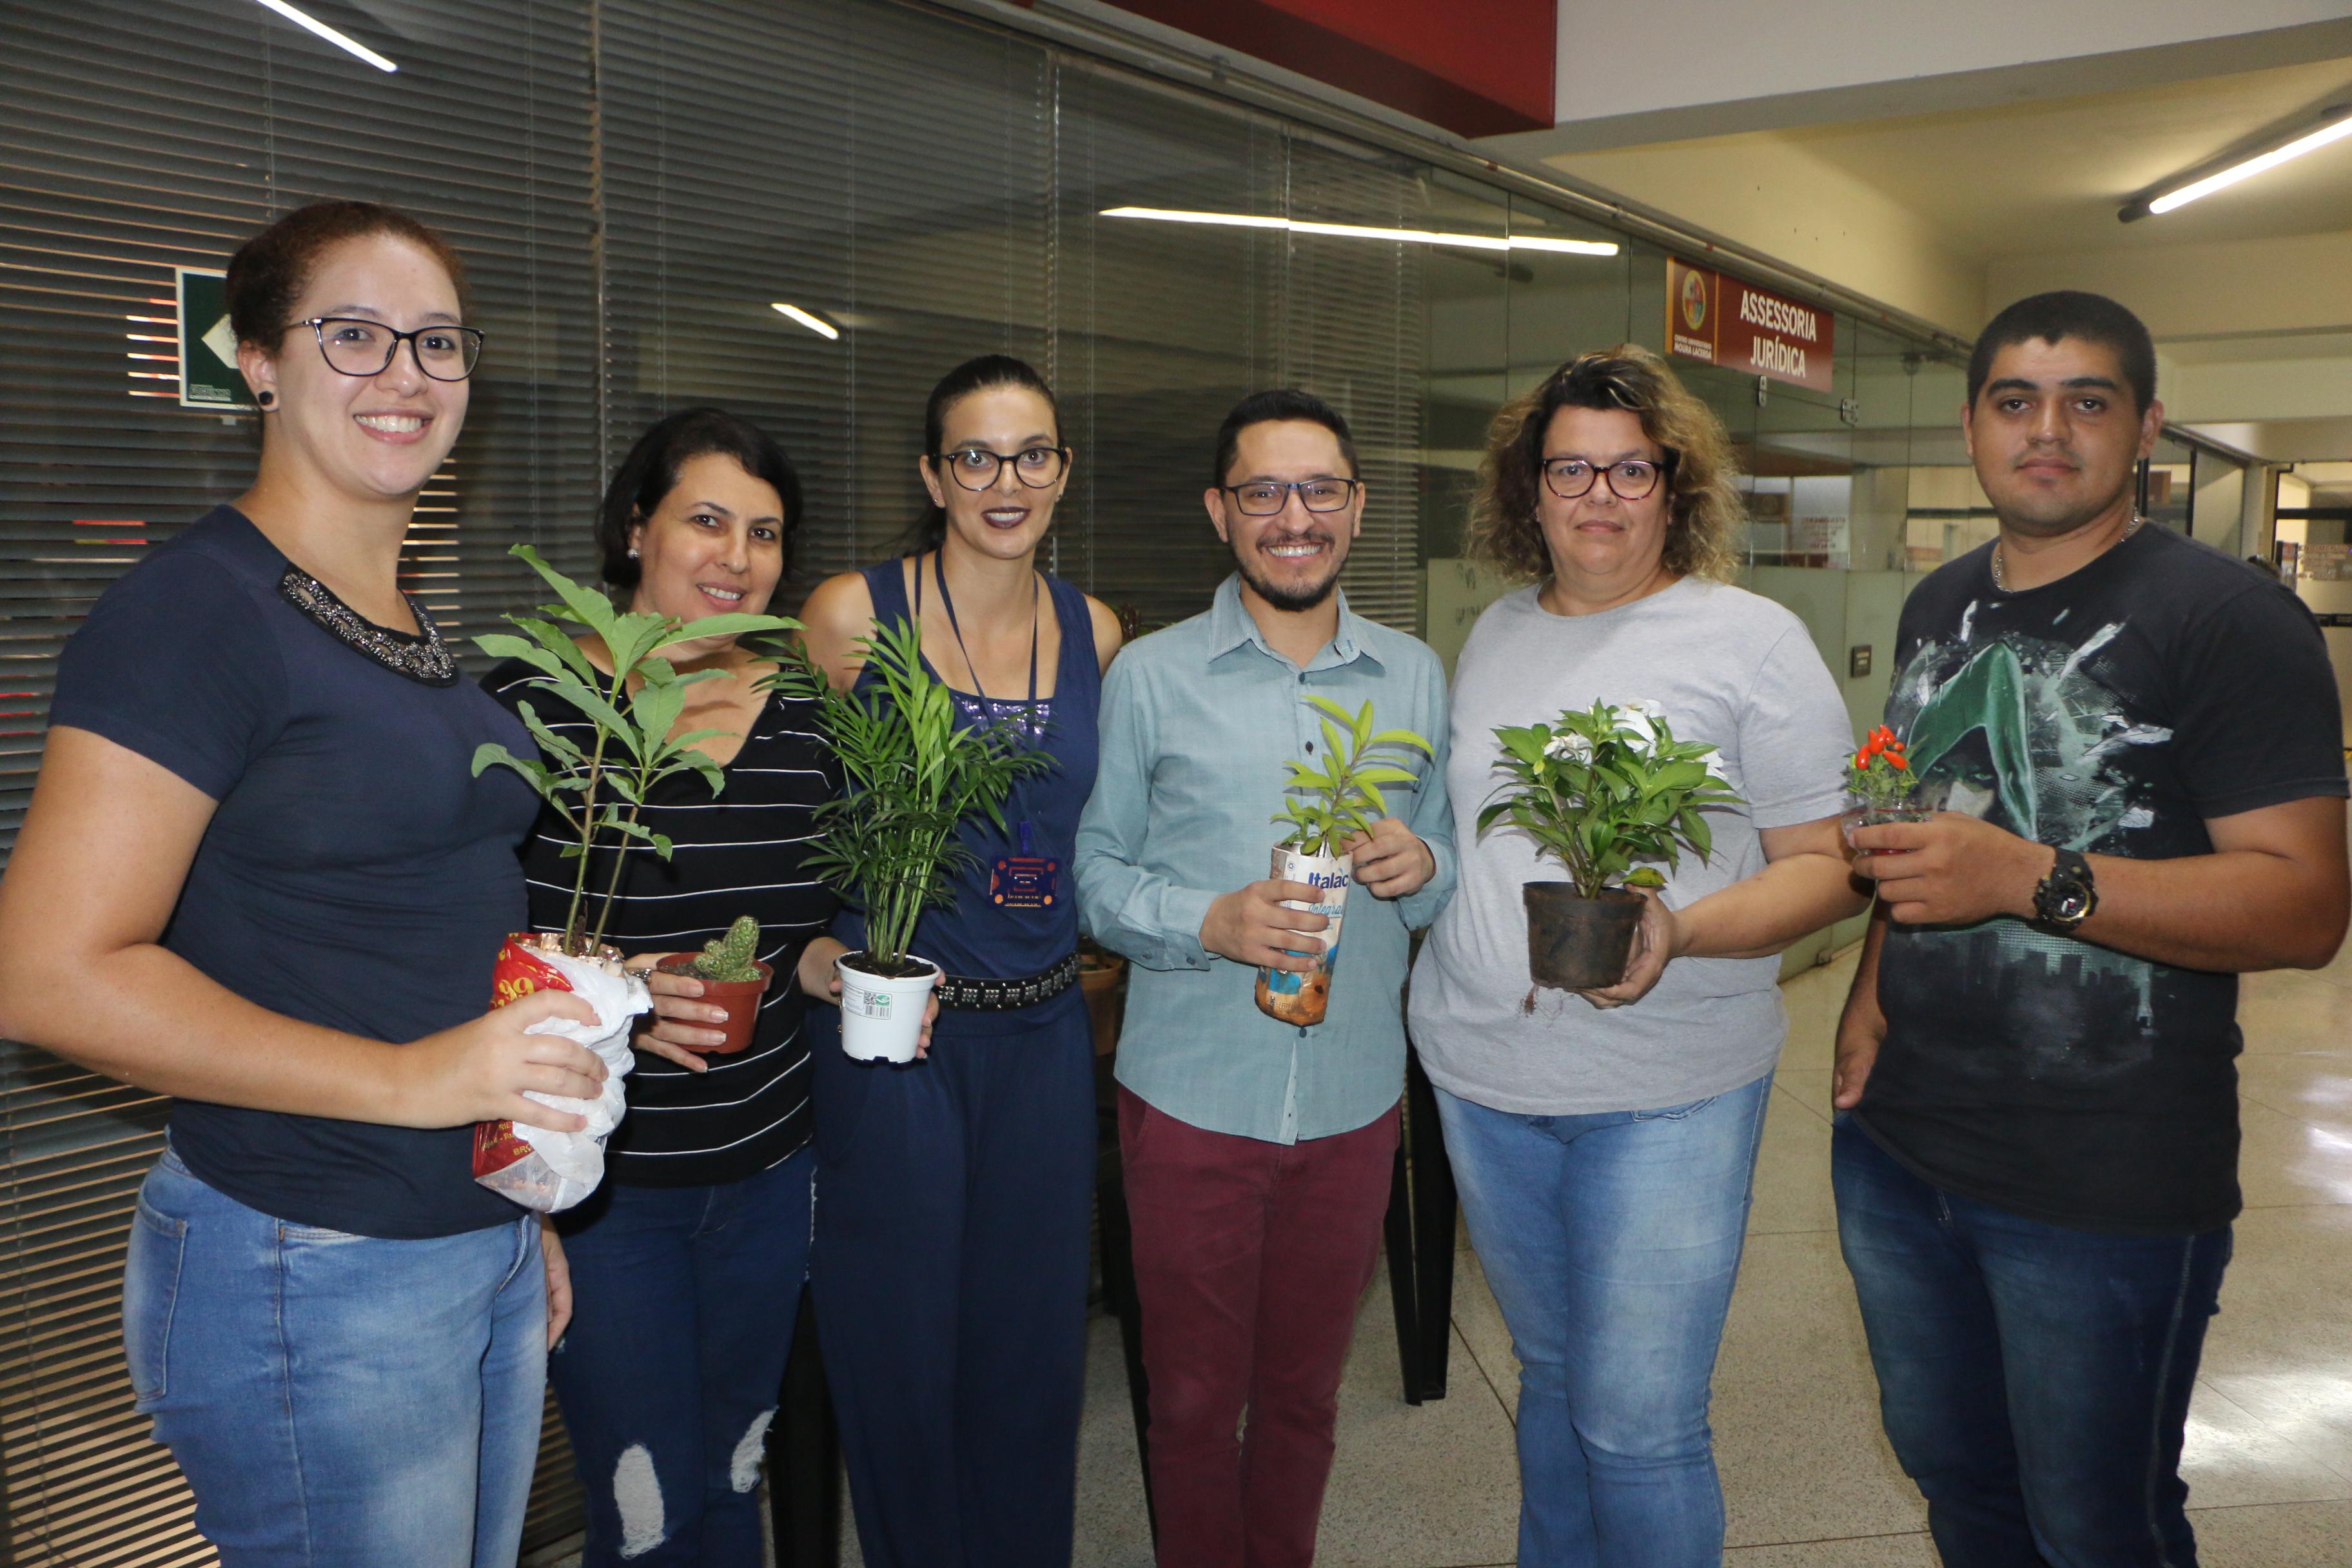 Ação ambiental promove interação entre graduações